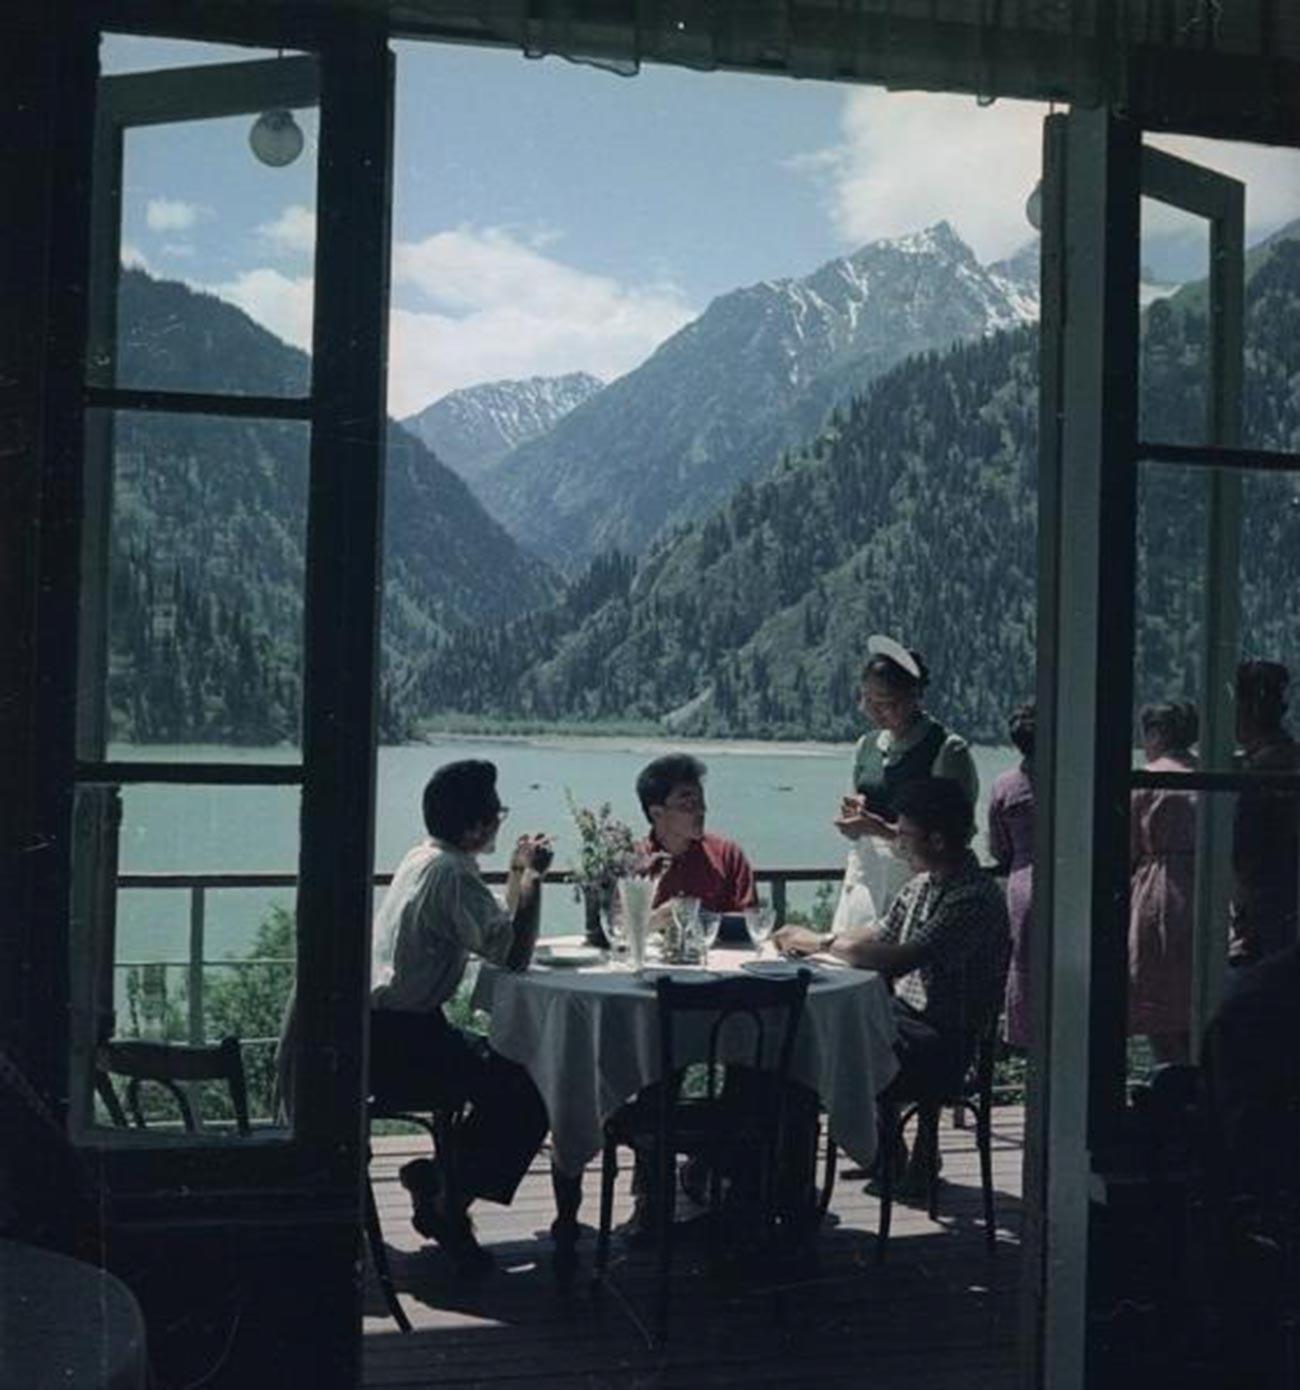 イシク・クル湖畔のレストランのバルコニー。カザフ・ソビエト社会主義共和国。1961年